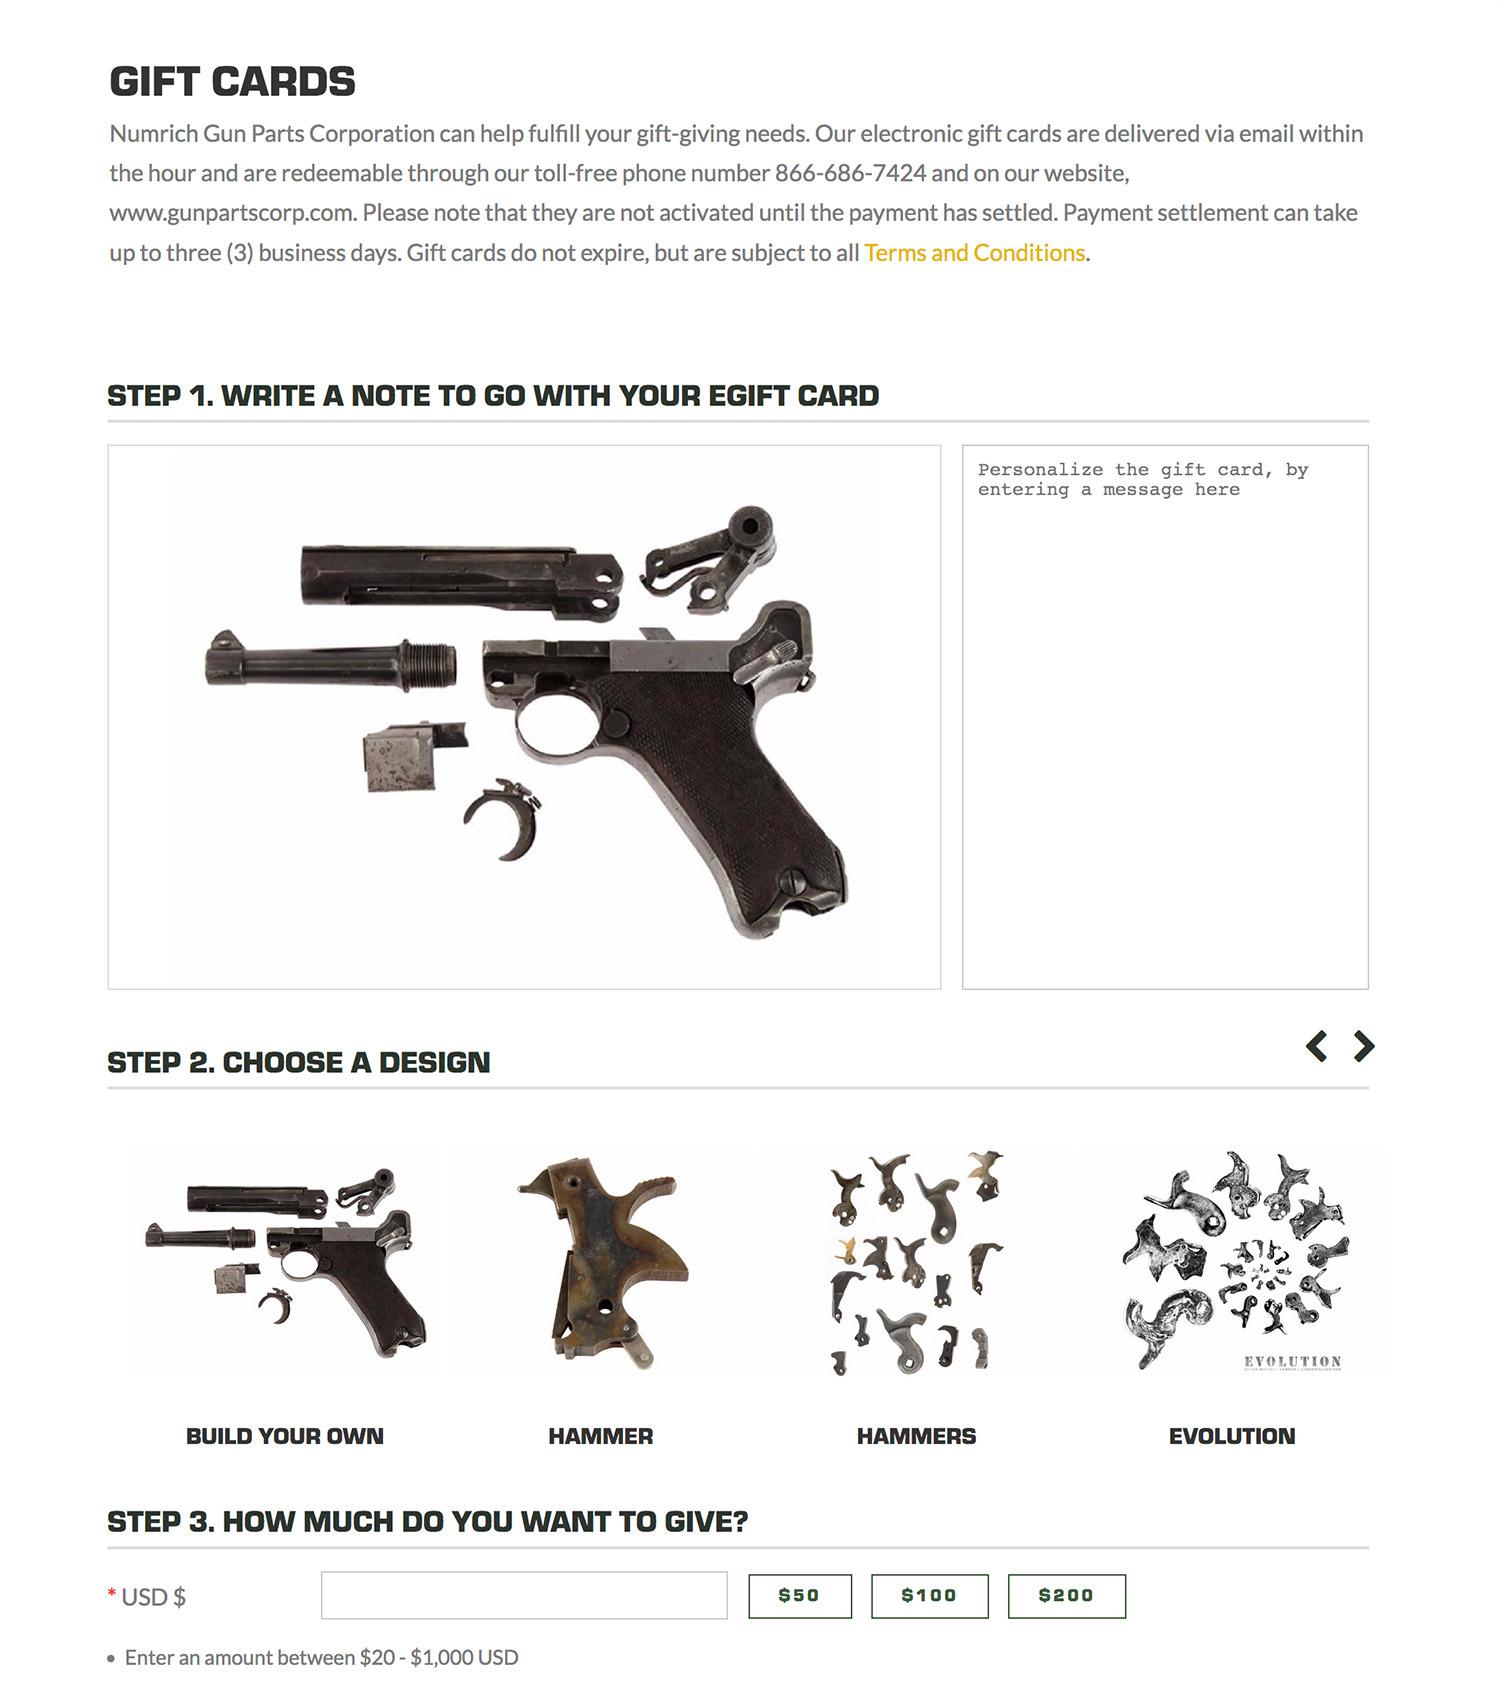 Numrich Gun Parts Corporation Image 3